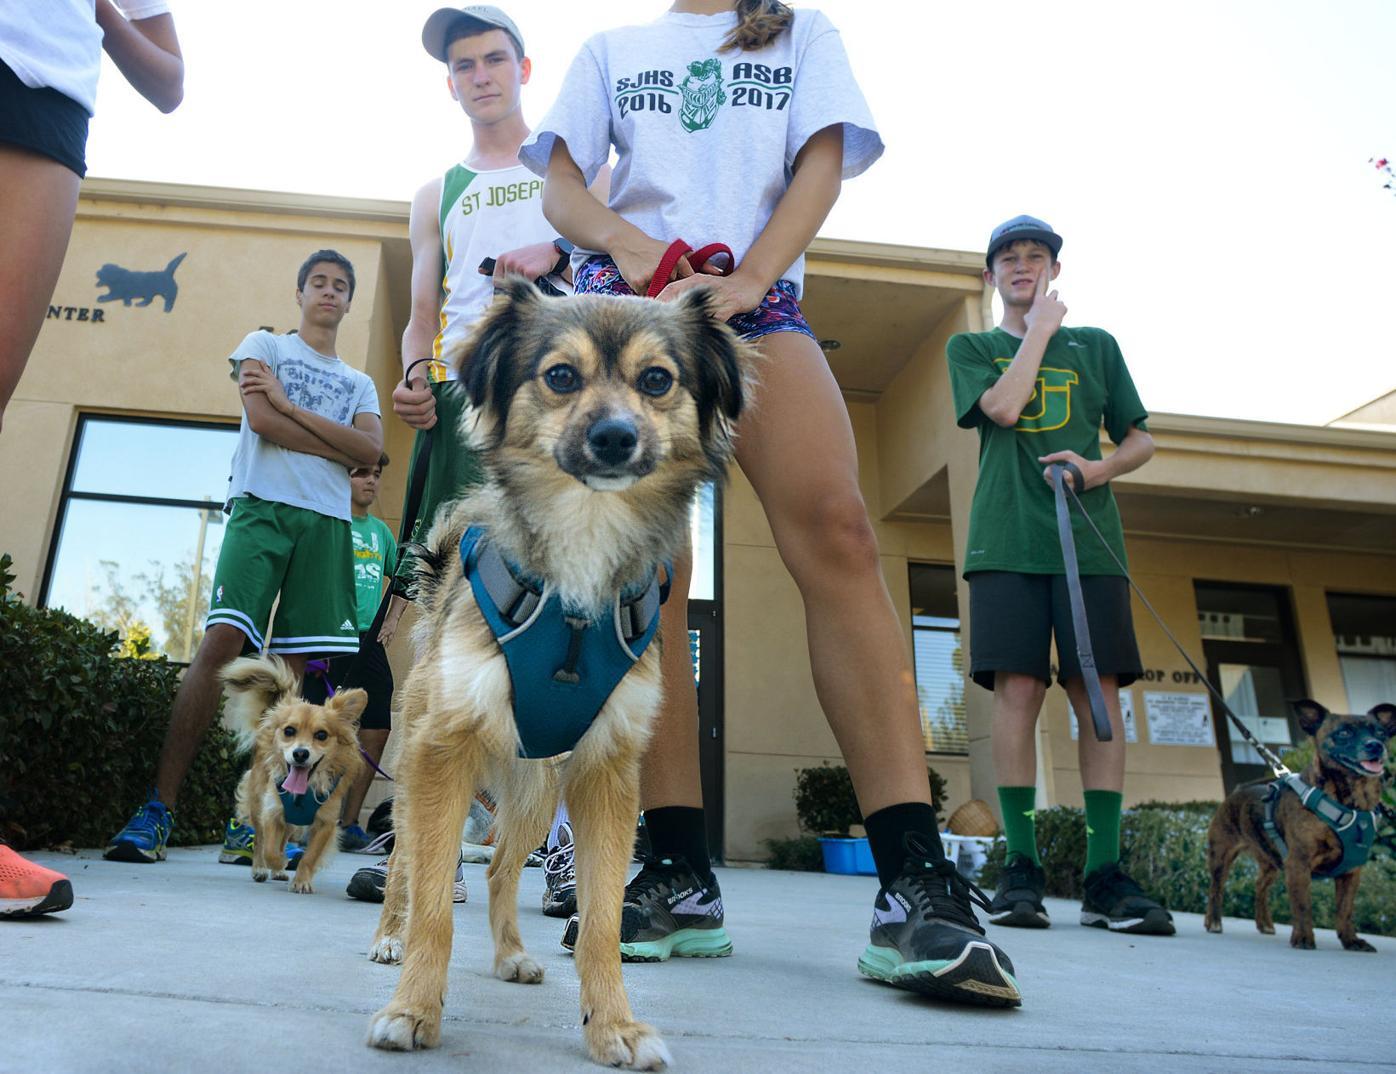 082916 St. Joseph dog runners 02.jpg